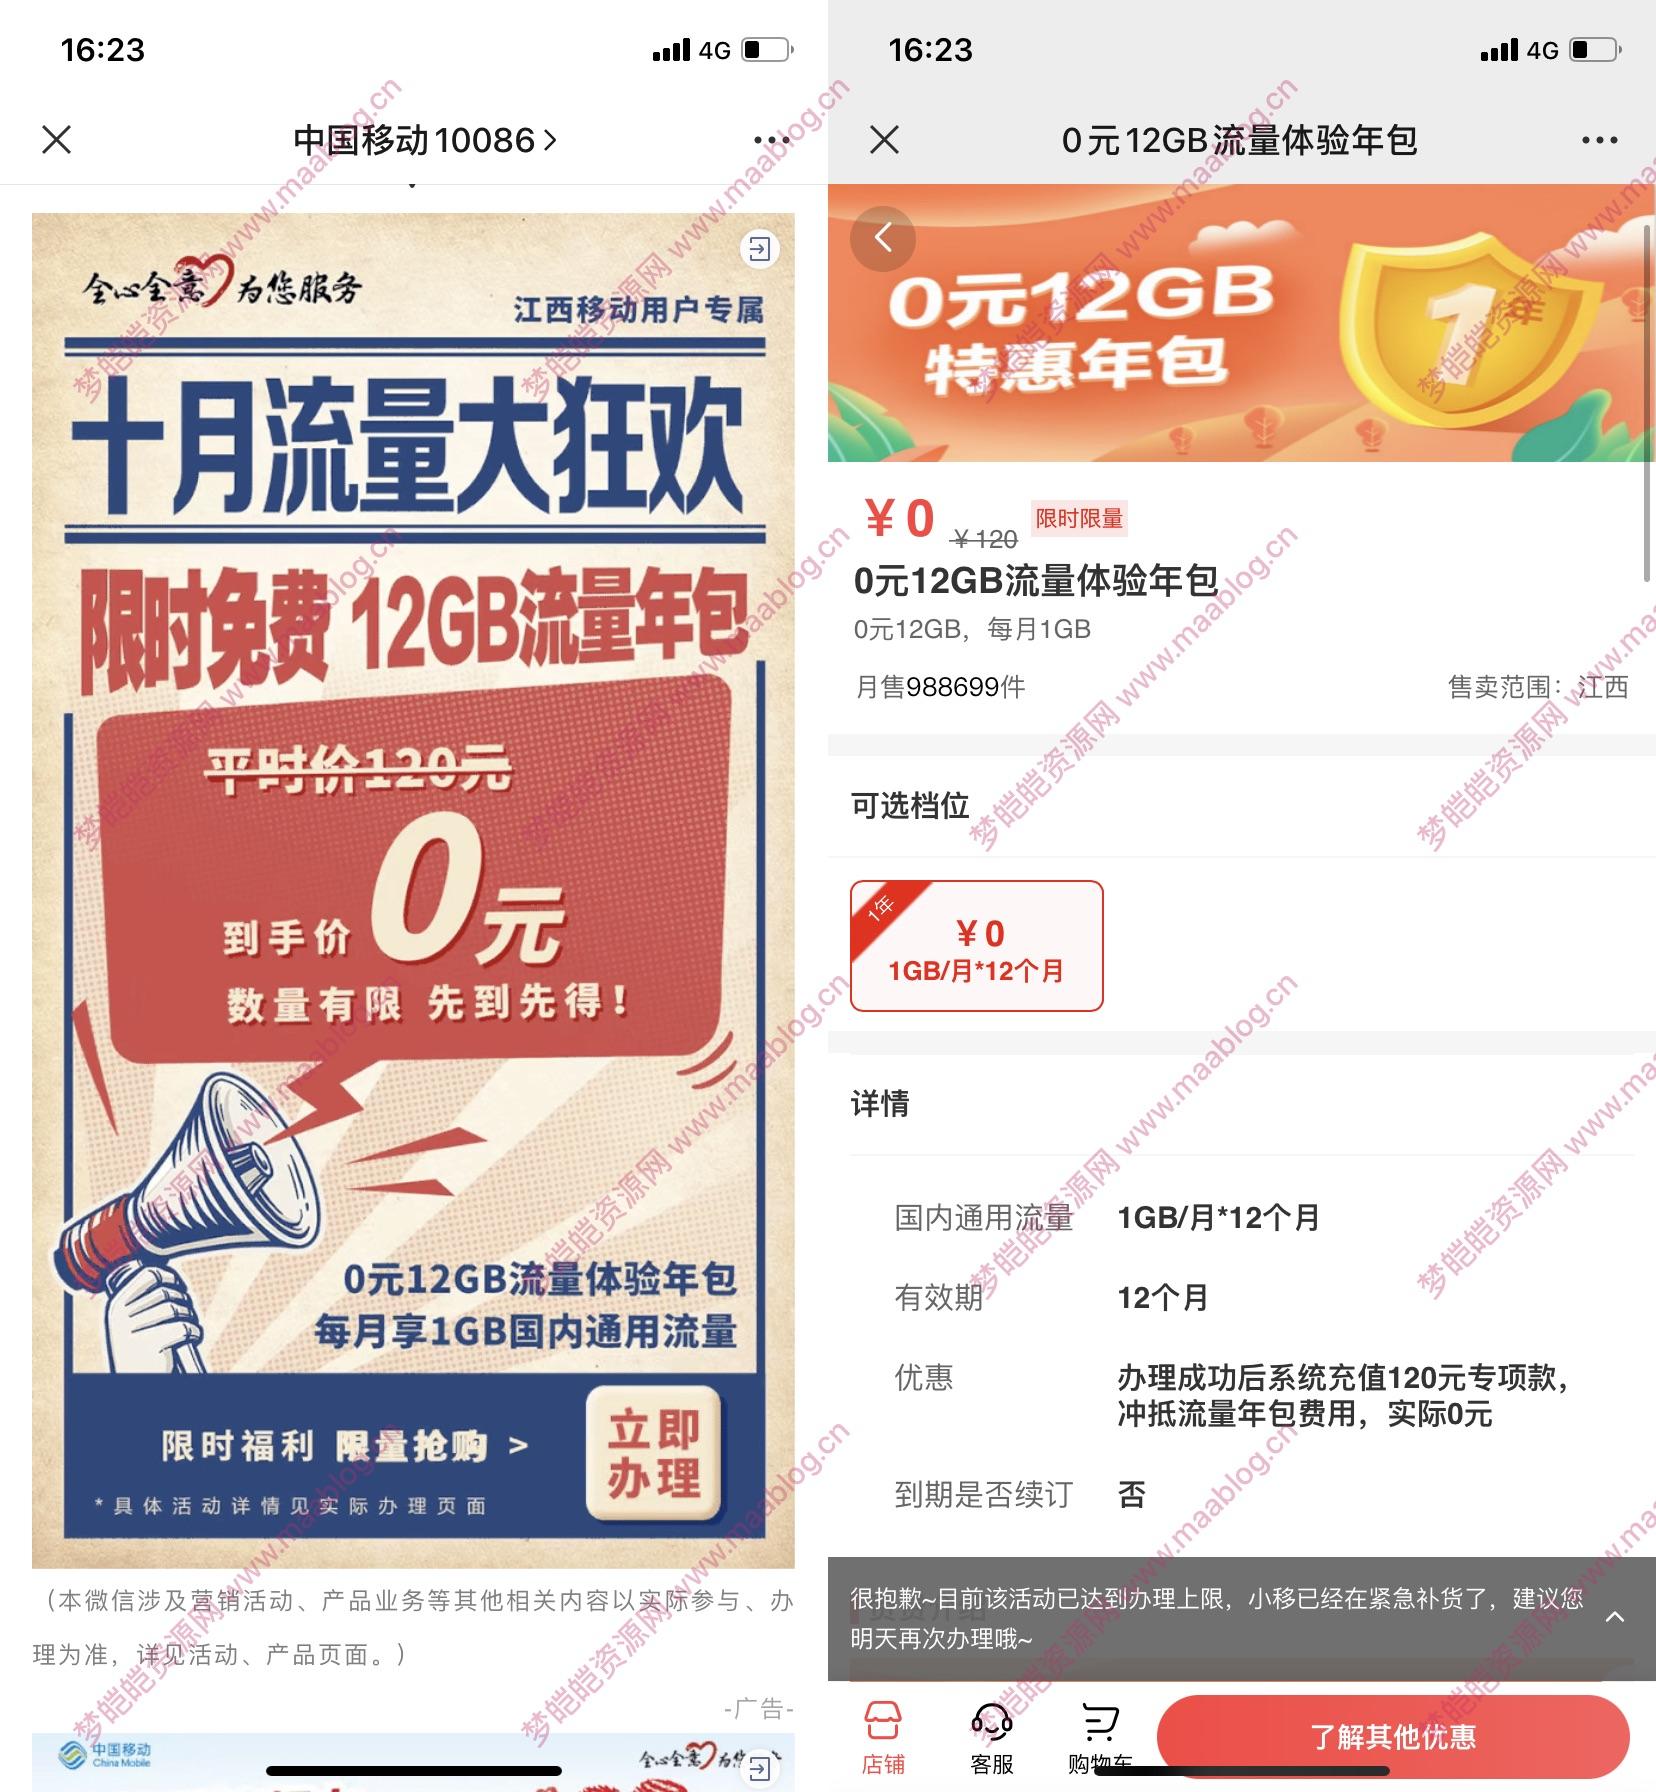 江西用户免费领取12GB流量特惠年卡 领取之后即可生效